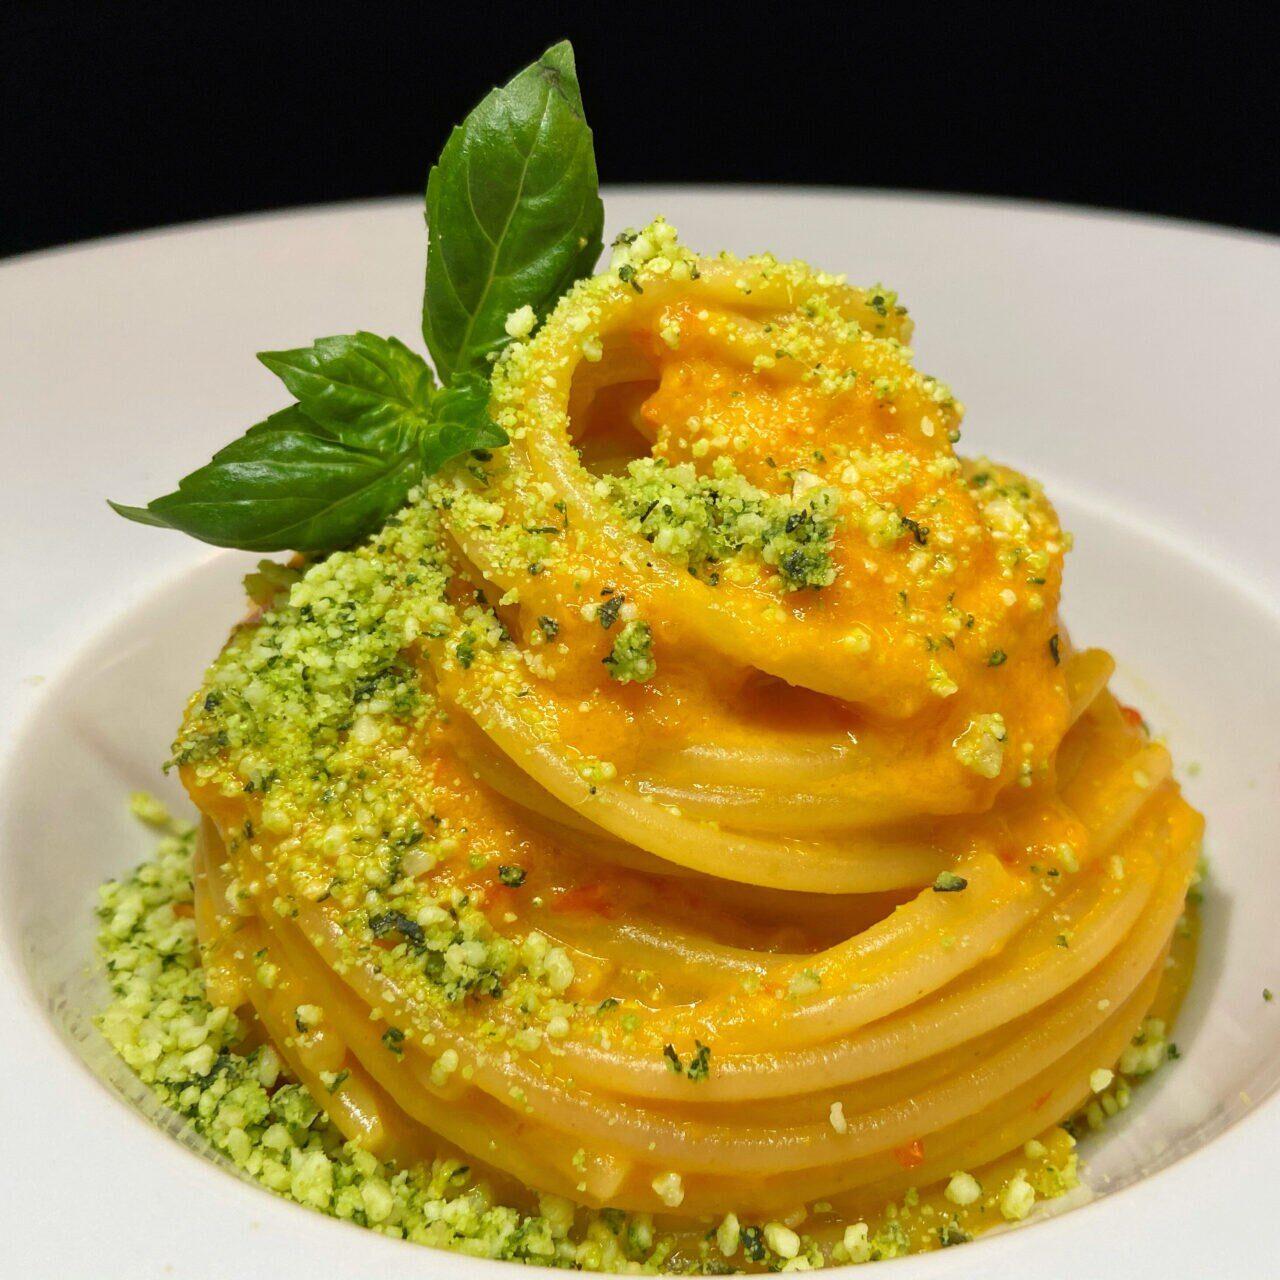 Spaghetti con crema di peperoni e pecorino sardo aromatizzato al basilico